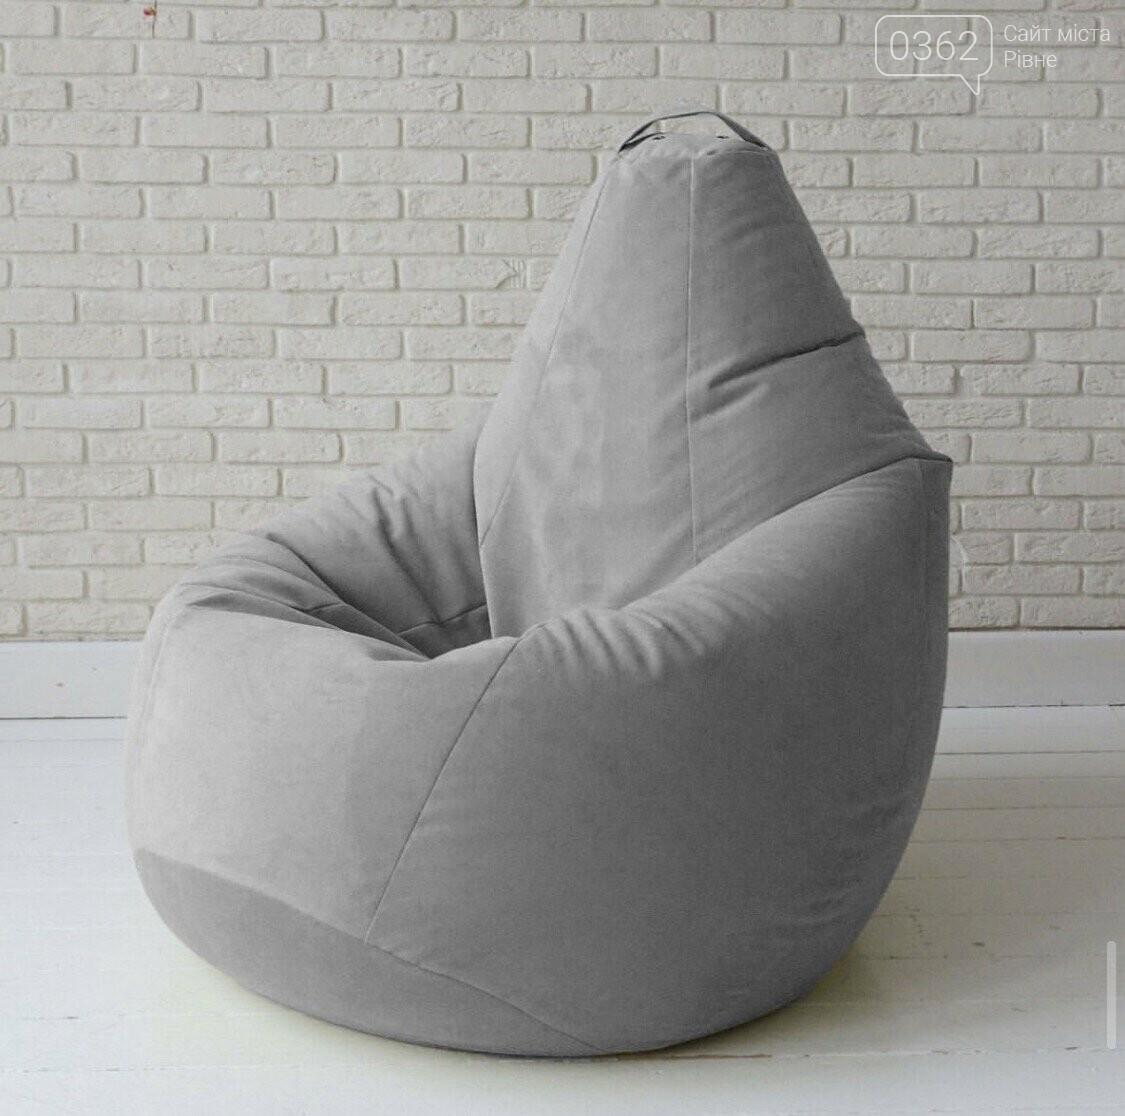 Як обрати меблі в маленьку квартиру? Практичні поради експерта, фото-3